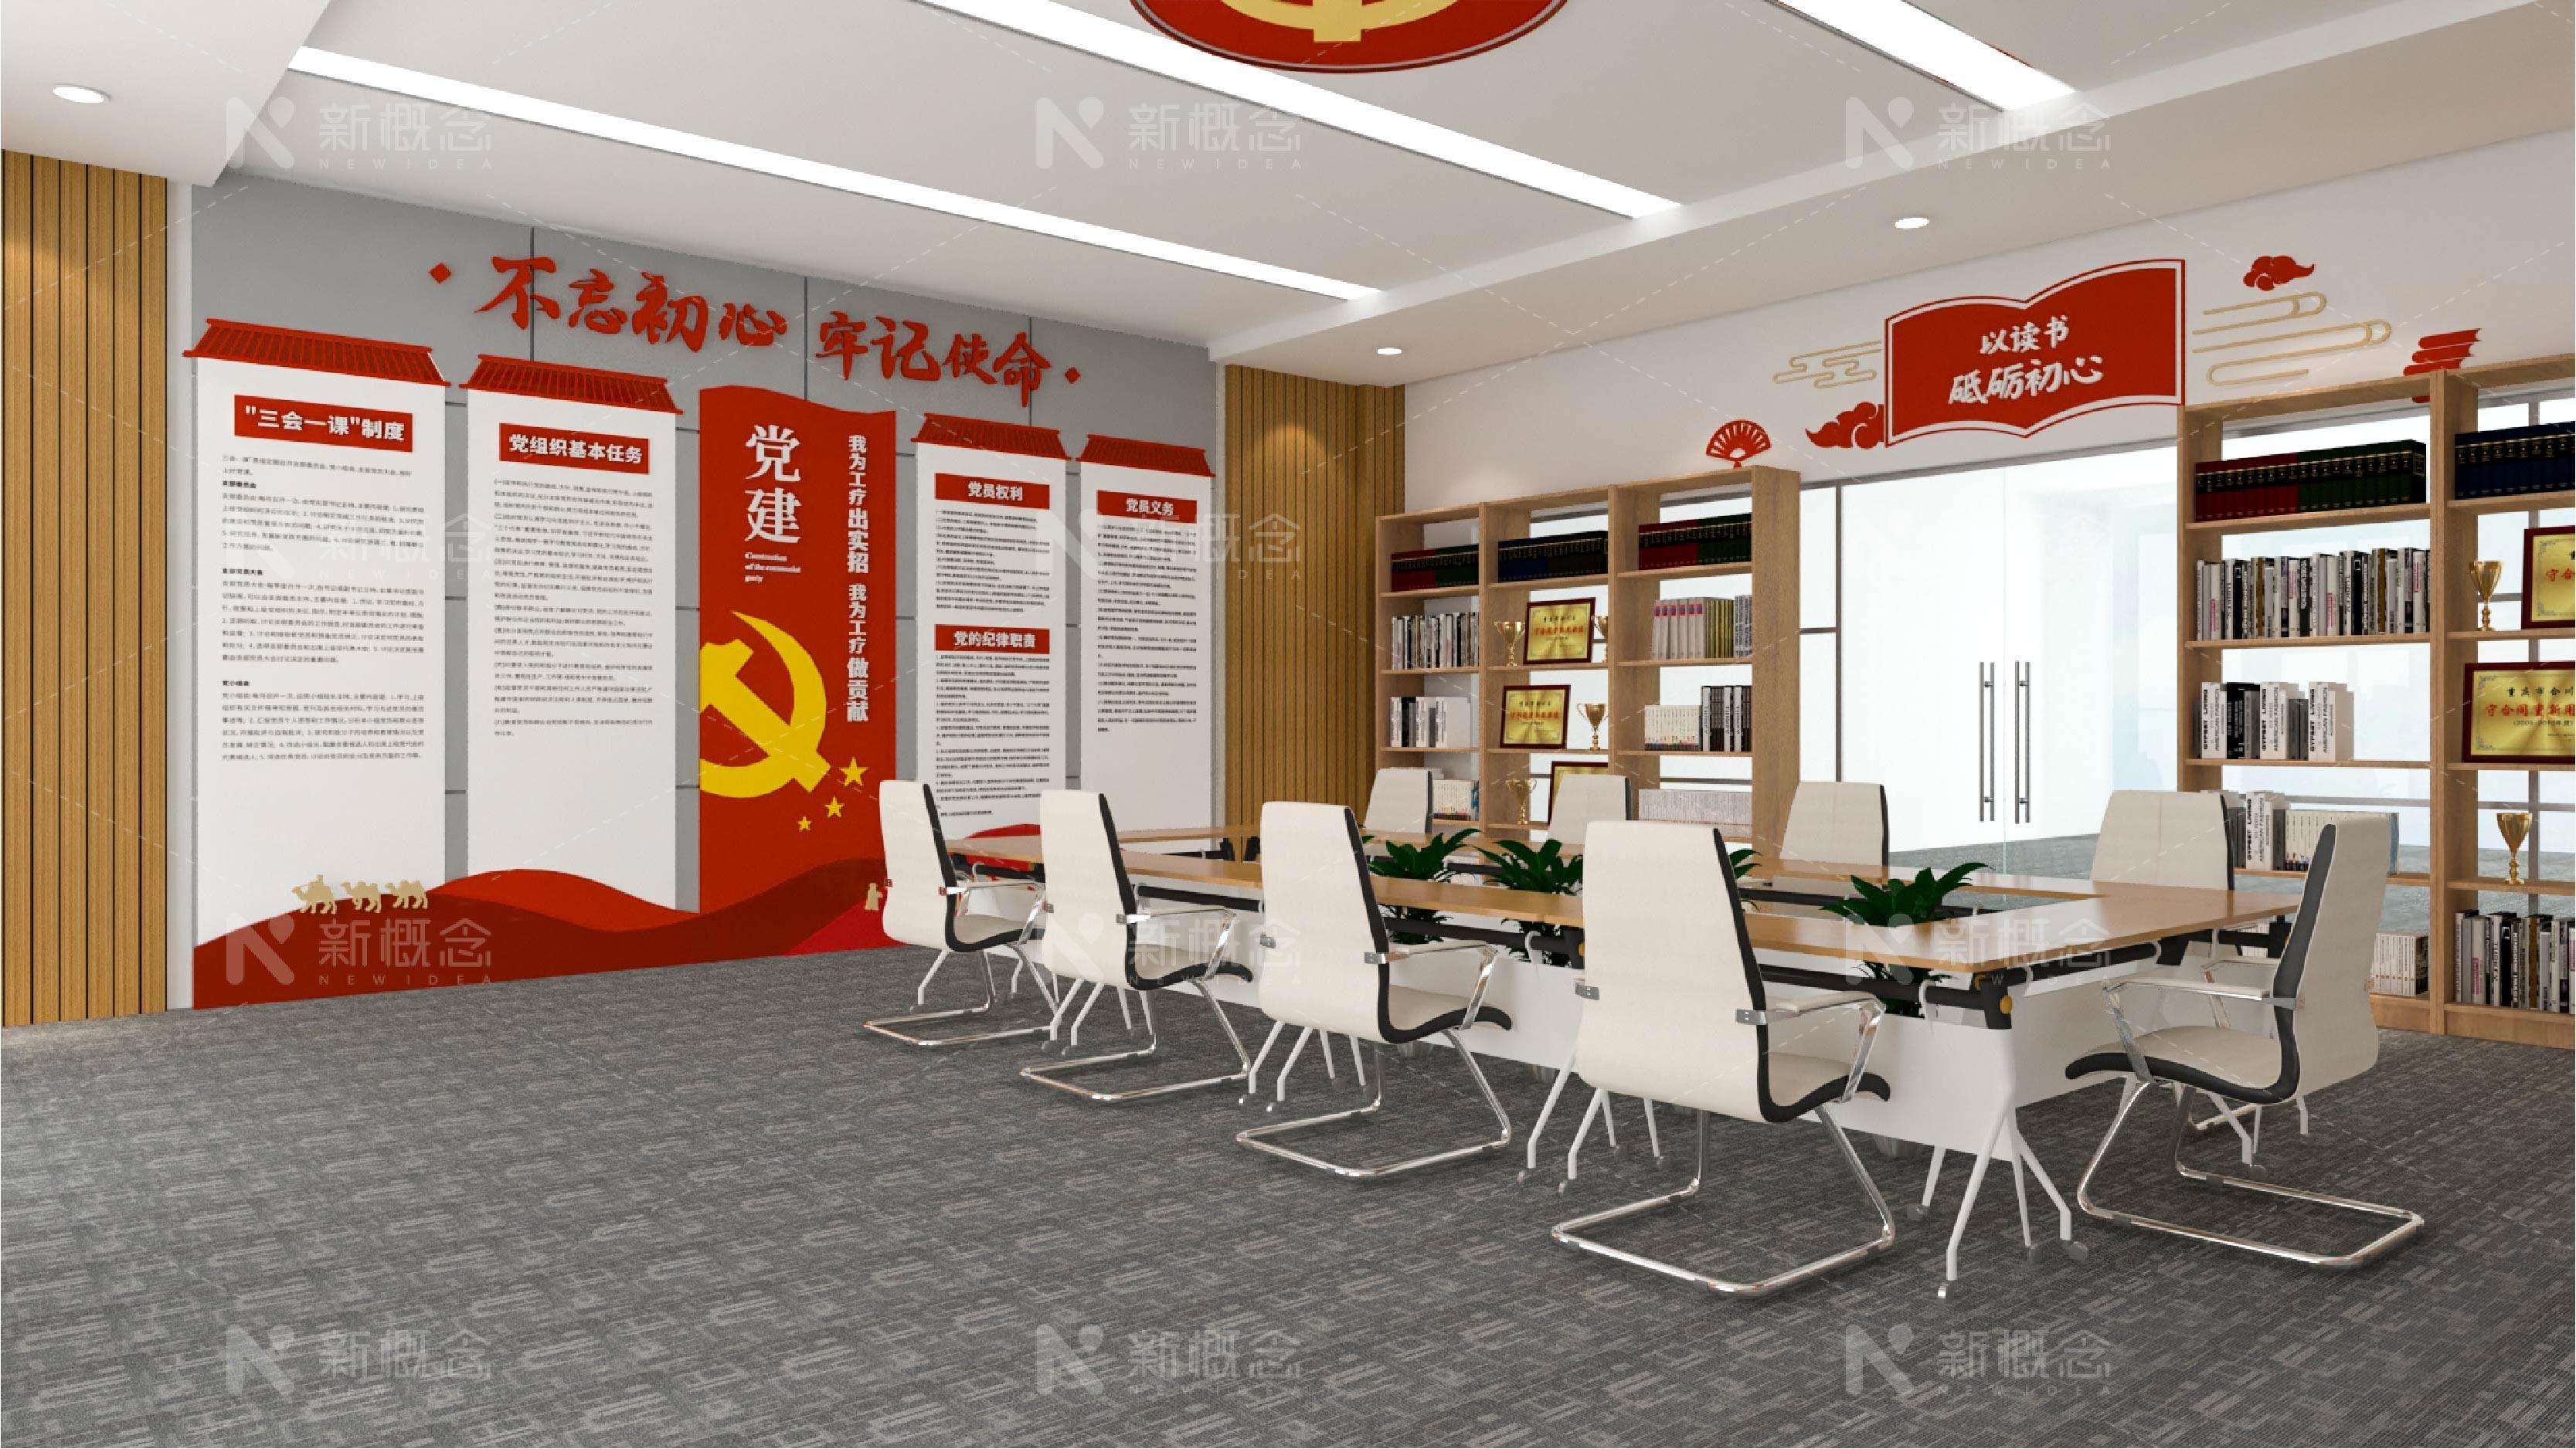 陕西省工人疗养院-党建文化设计